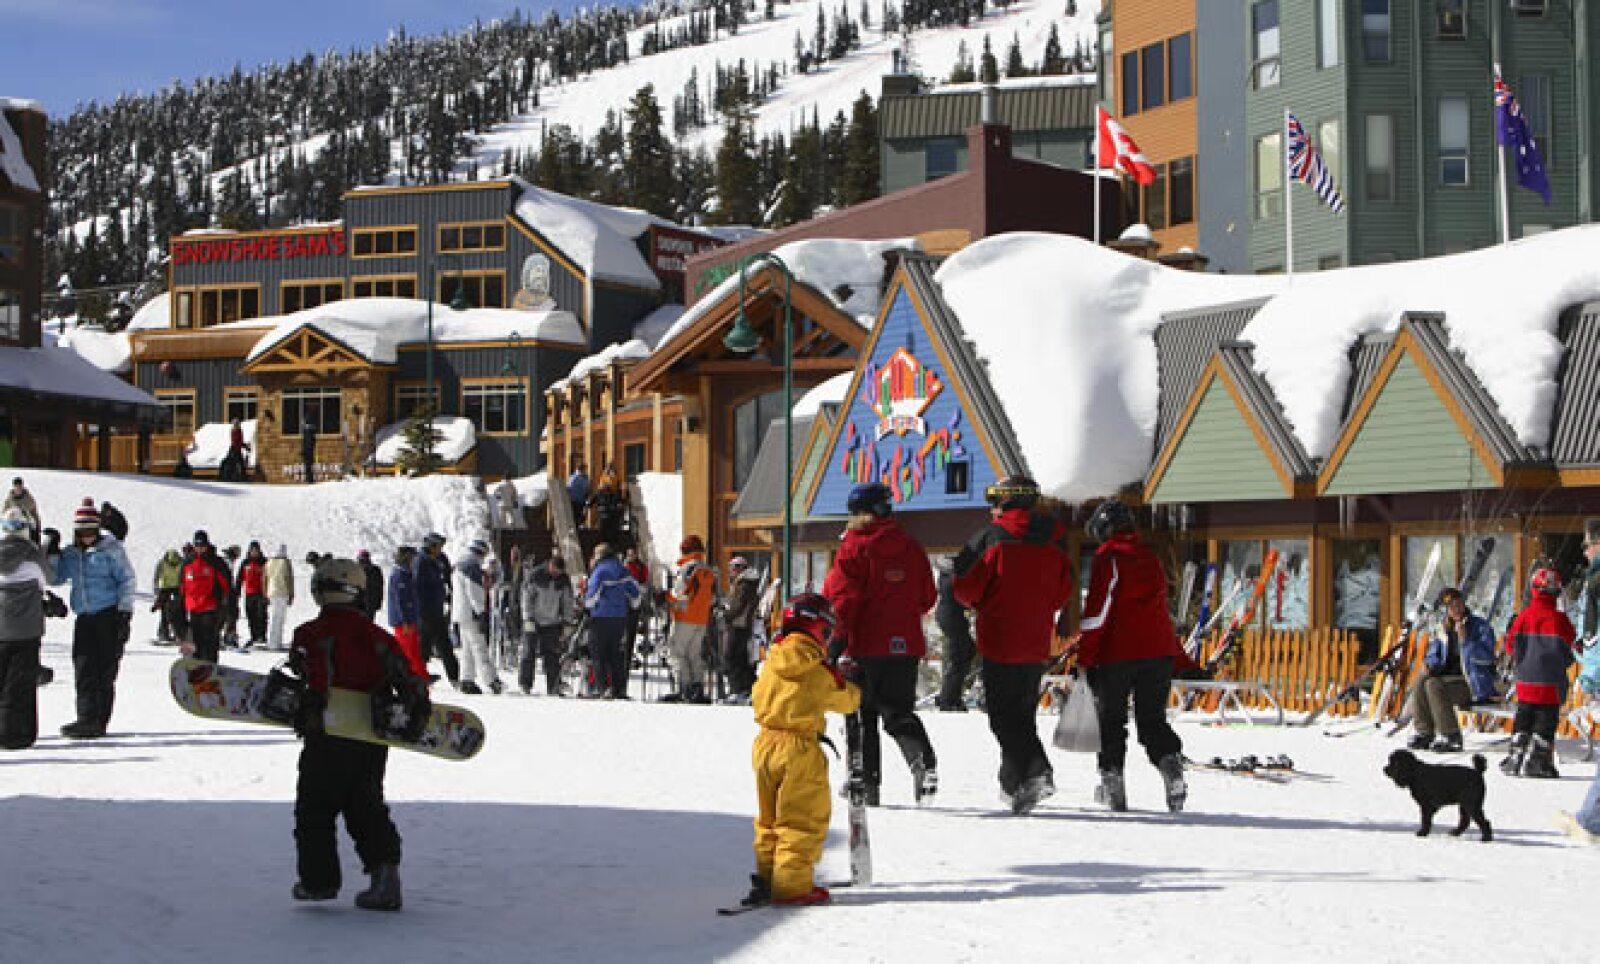 El frío no 'apaga' las ciudades de Canadá: en Québec, Montreal y Alberta, entre otras, siempre encontrarás restaurantes, discotecas y centros comerciales abiertos casi las 24 horas del día.